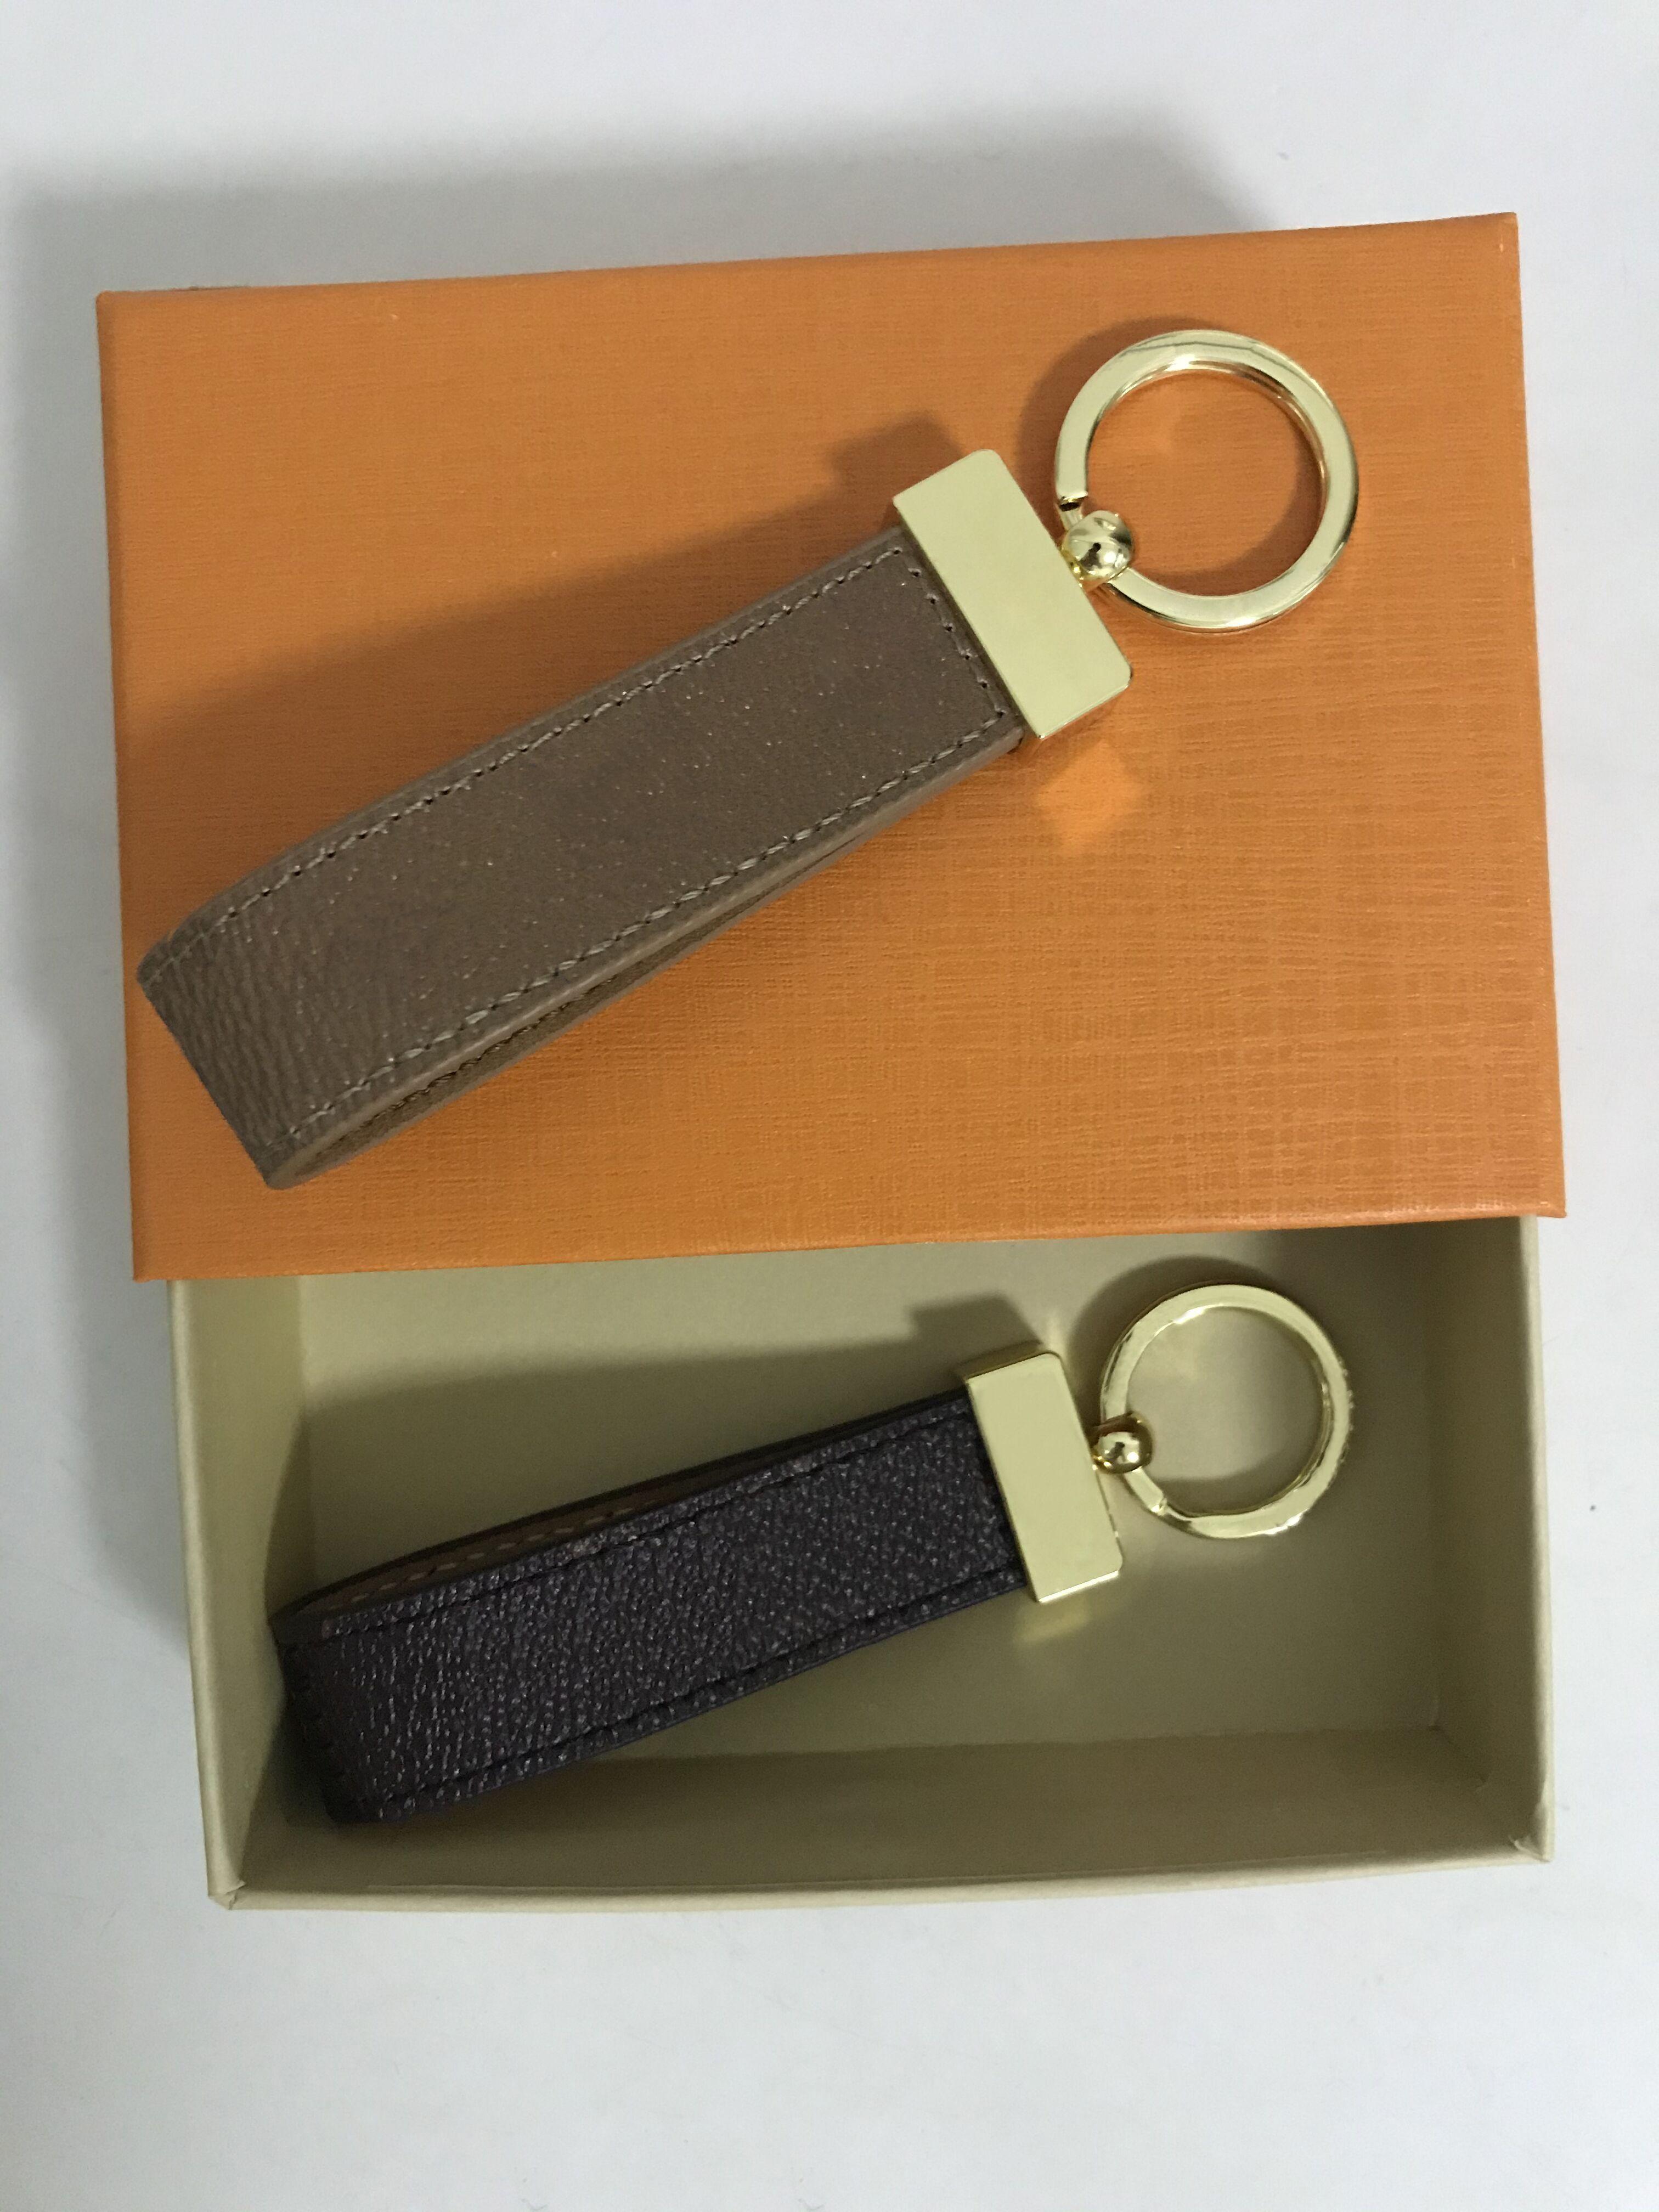 럭셔리 키 체인 높은 qualtiy 열쇠 고리 열쇠 고리 홀더 브랜드 디자이너 키 체인 Porte Clef 선물 남성 여성 자동차 가방 키 체인 888